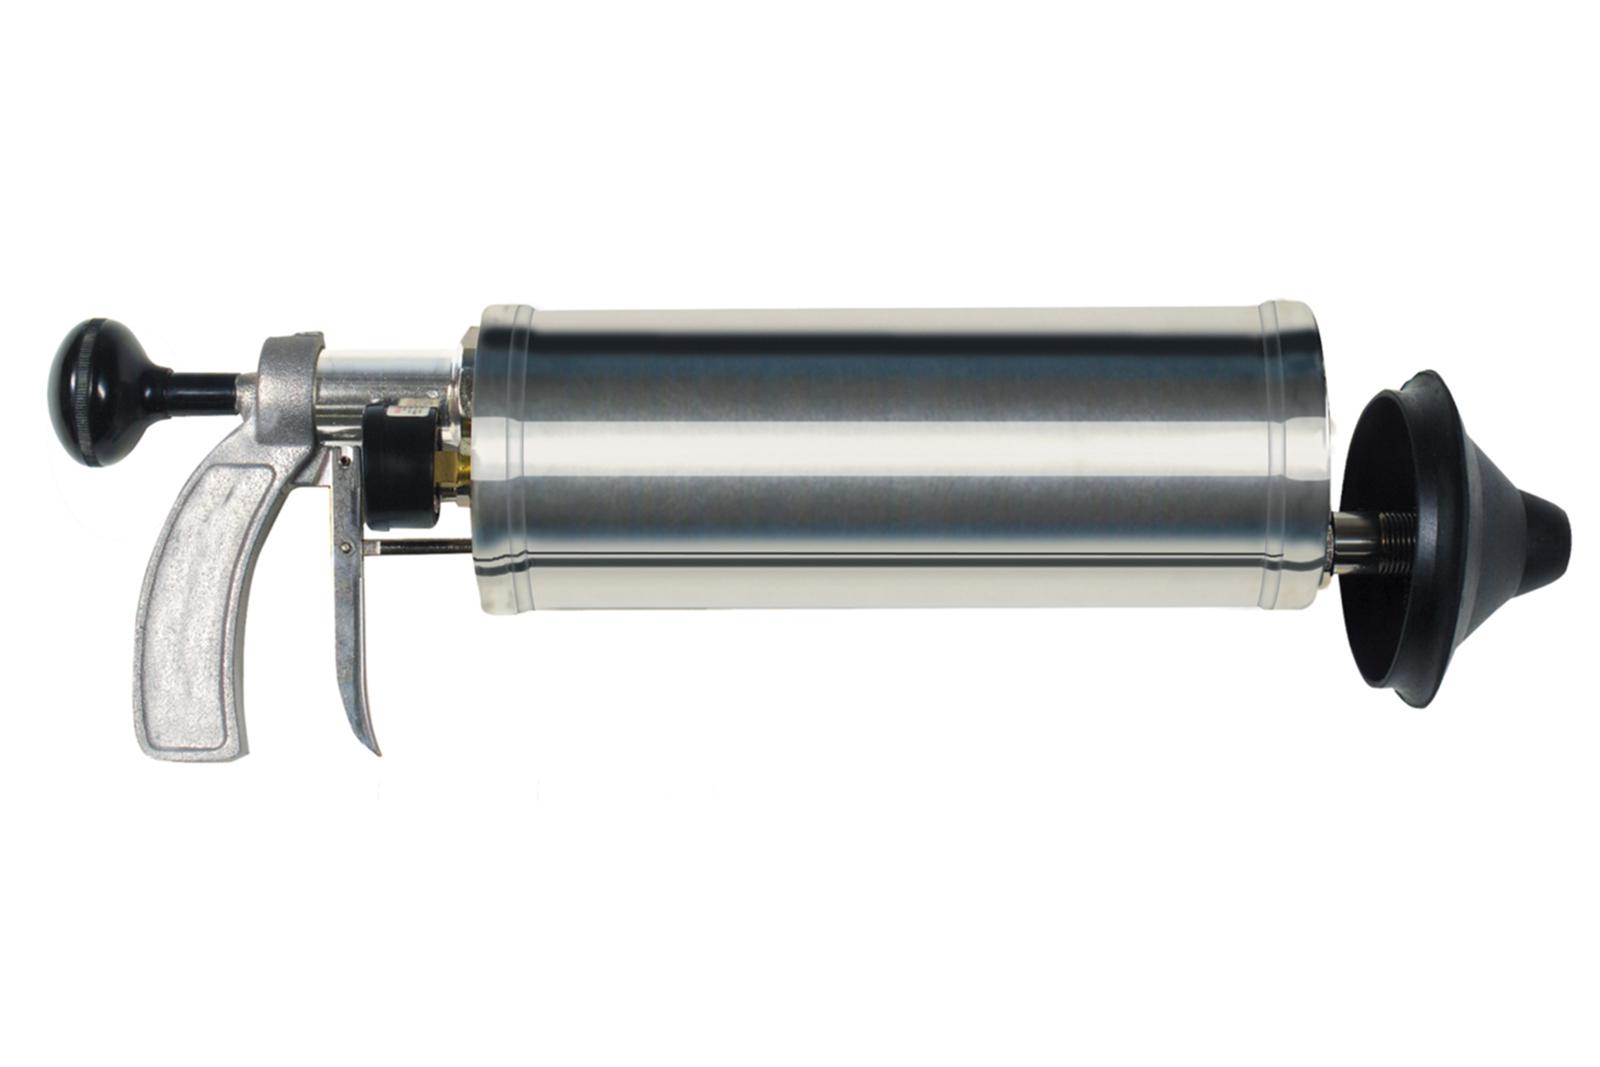 Пистолет промывочный General pipeПрочистное оборудование<br>Тип прочистного оборудования: пистолет промывочный,<br>Макс. диаметр трубы: 100,<br>Мин. диаметр трубы: 32,<br>Вес нетто: 12<br>